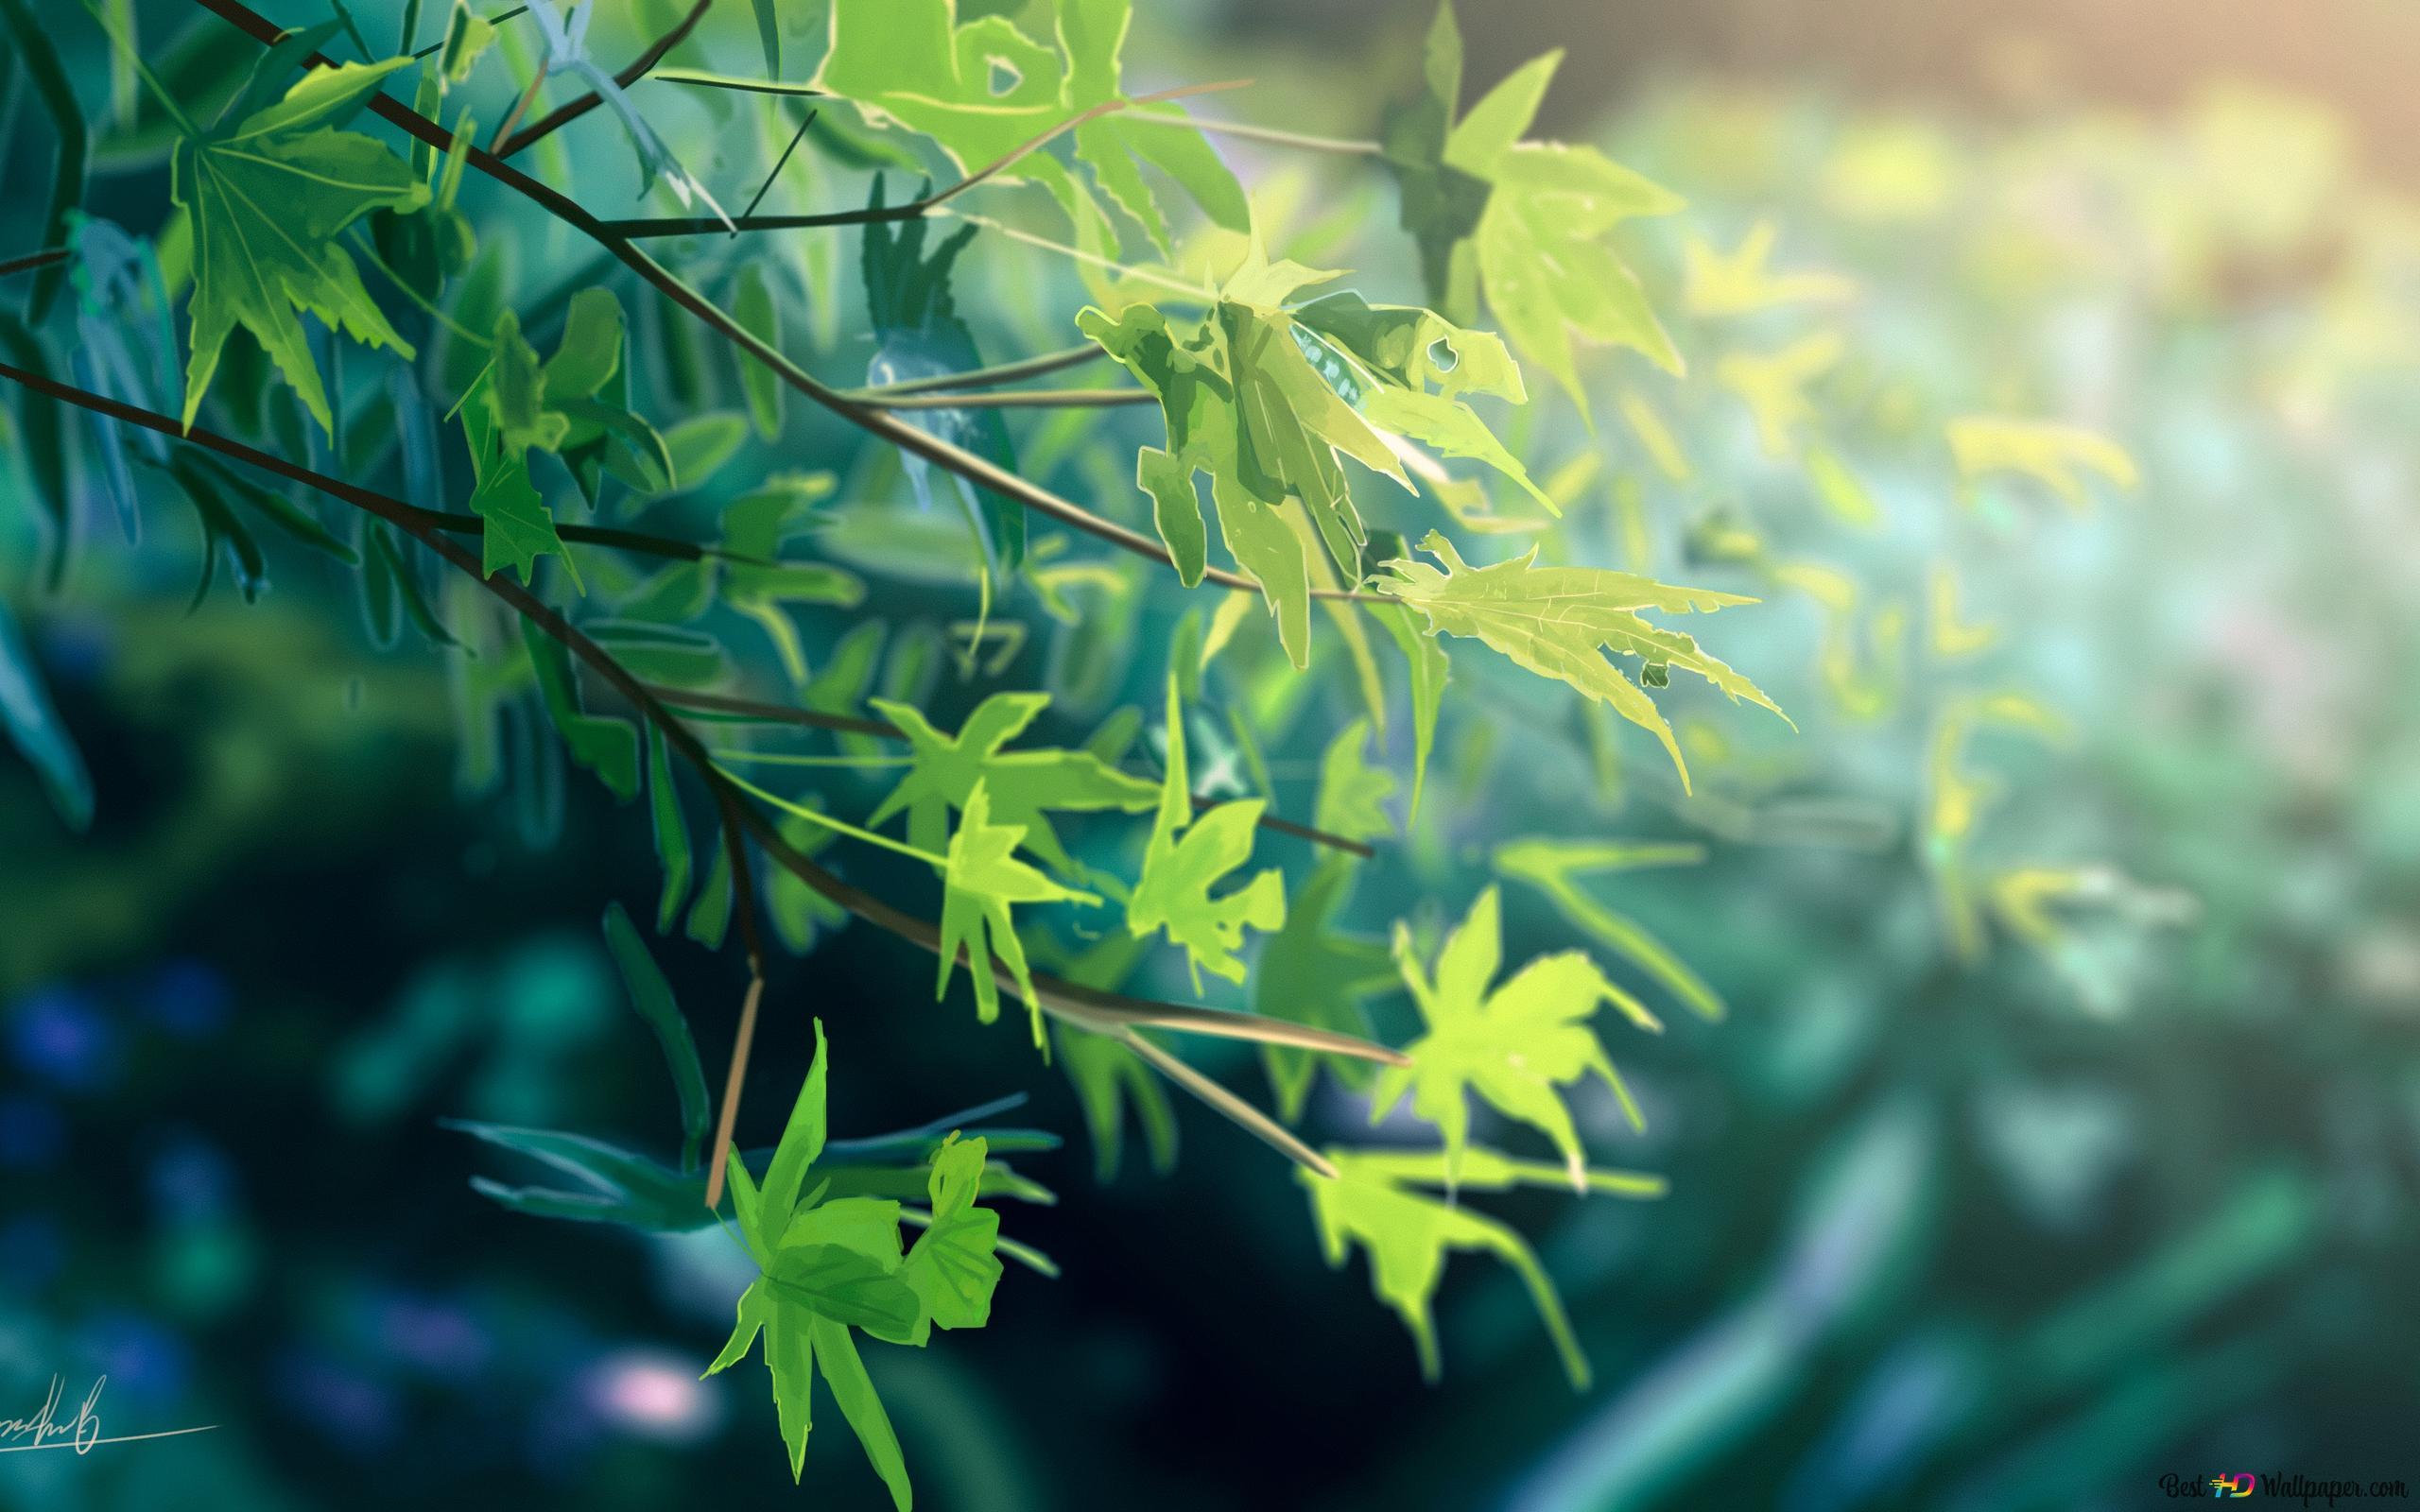 daun daun hijau wallpaper 2560x1600 33904 7